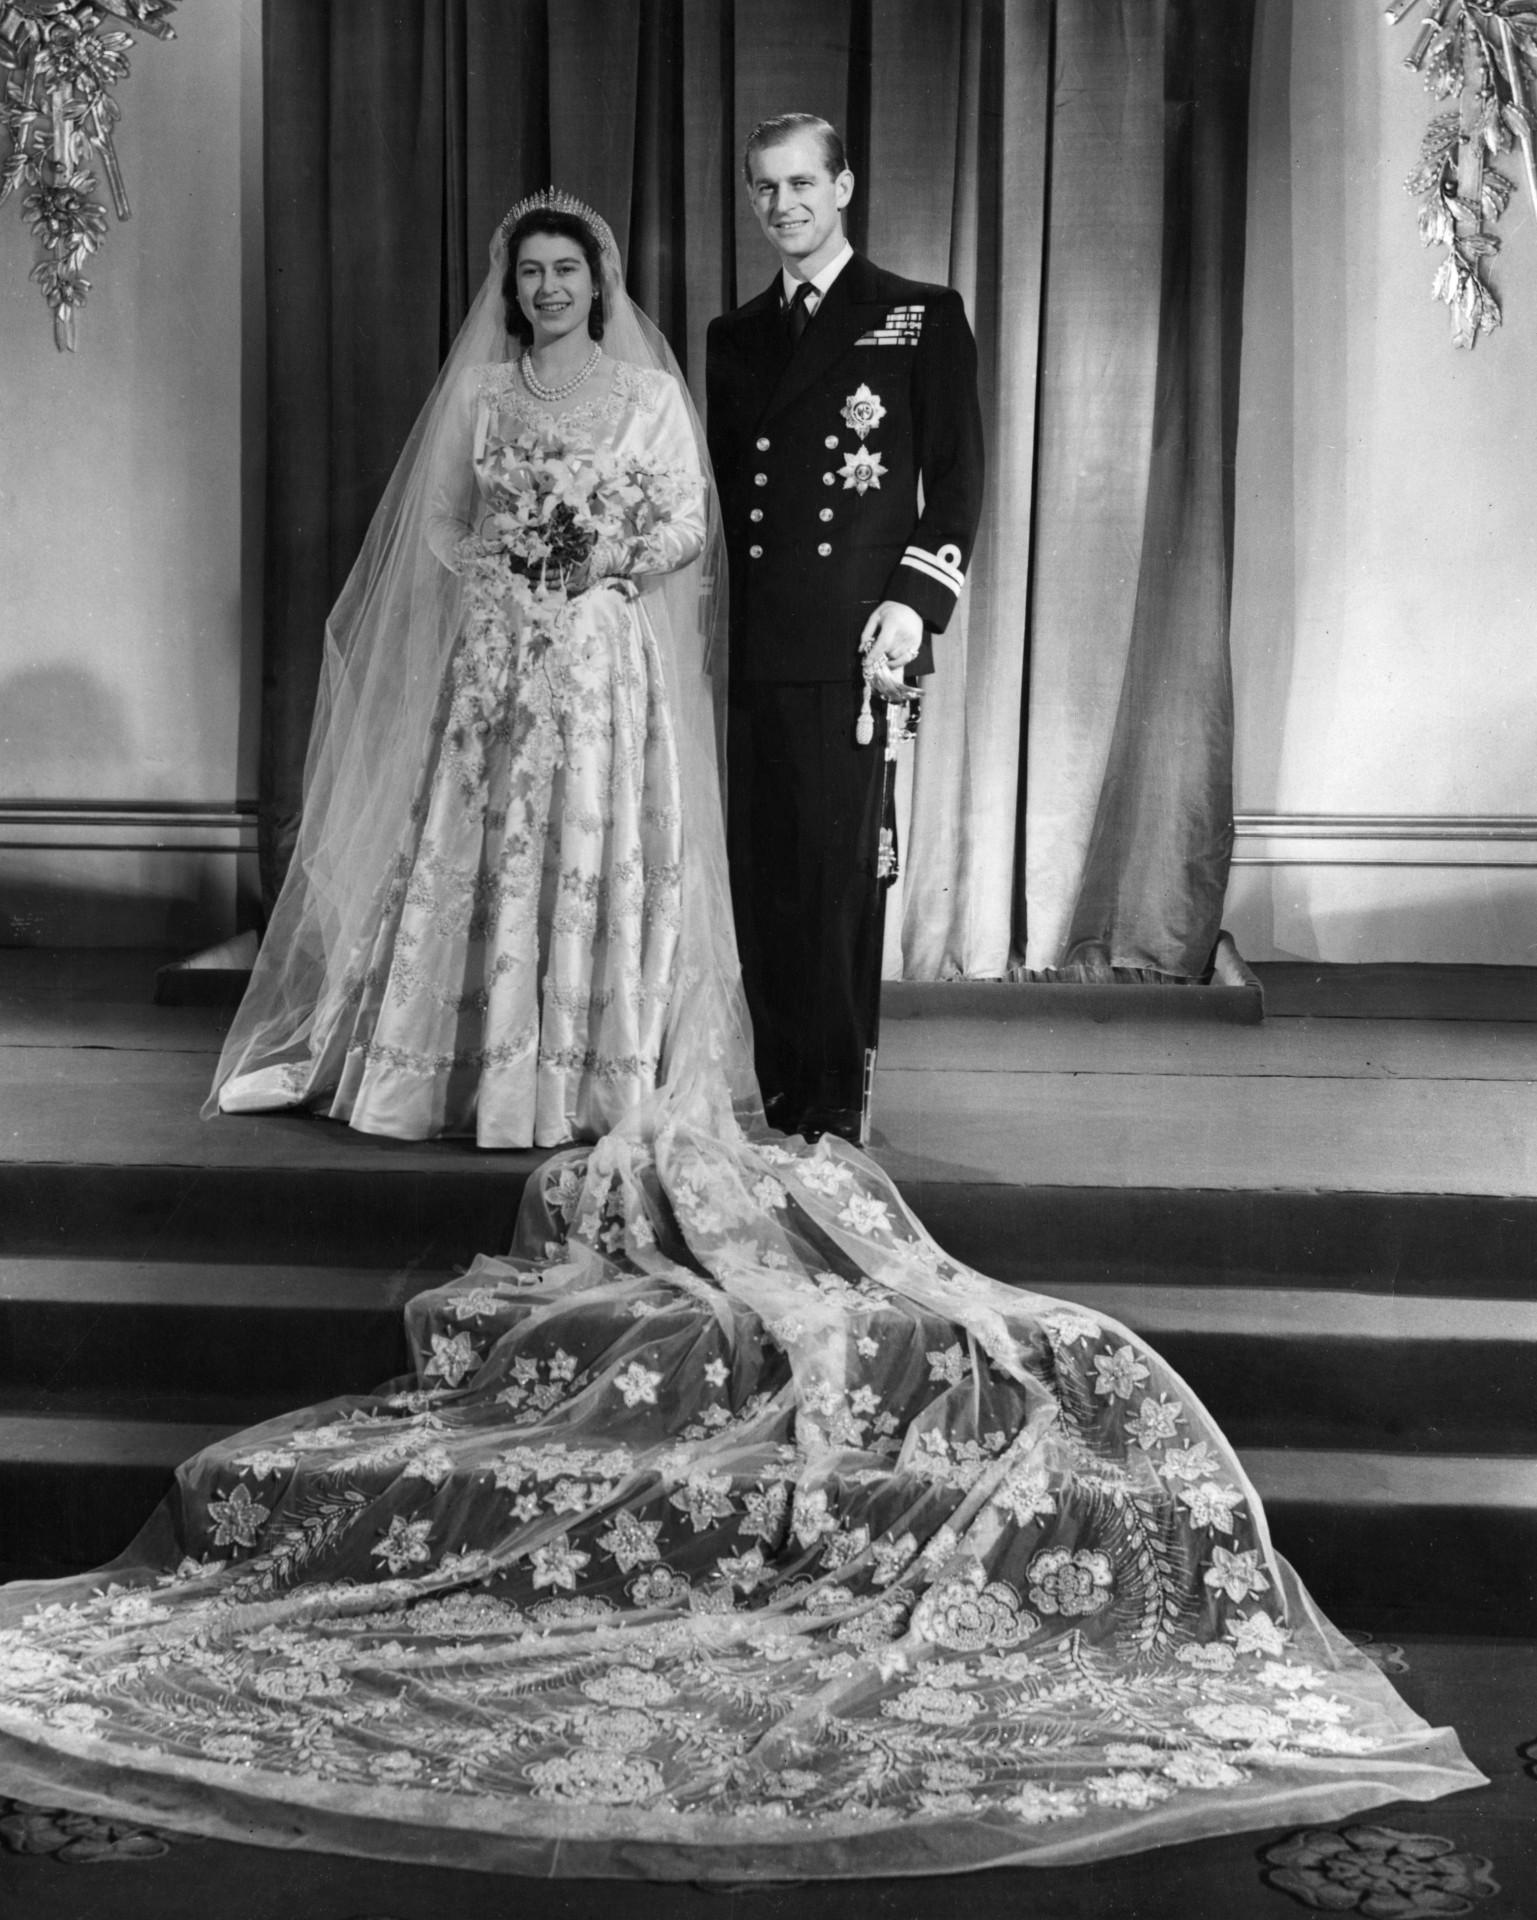 Oficjalny portret ślubny Elżbiety i Filipa